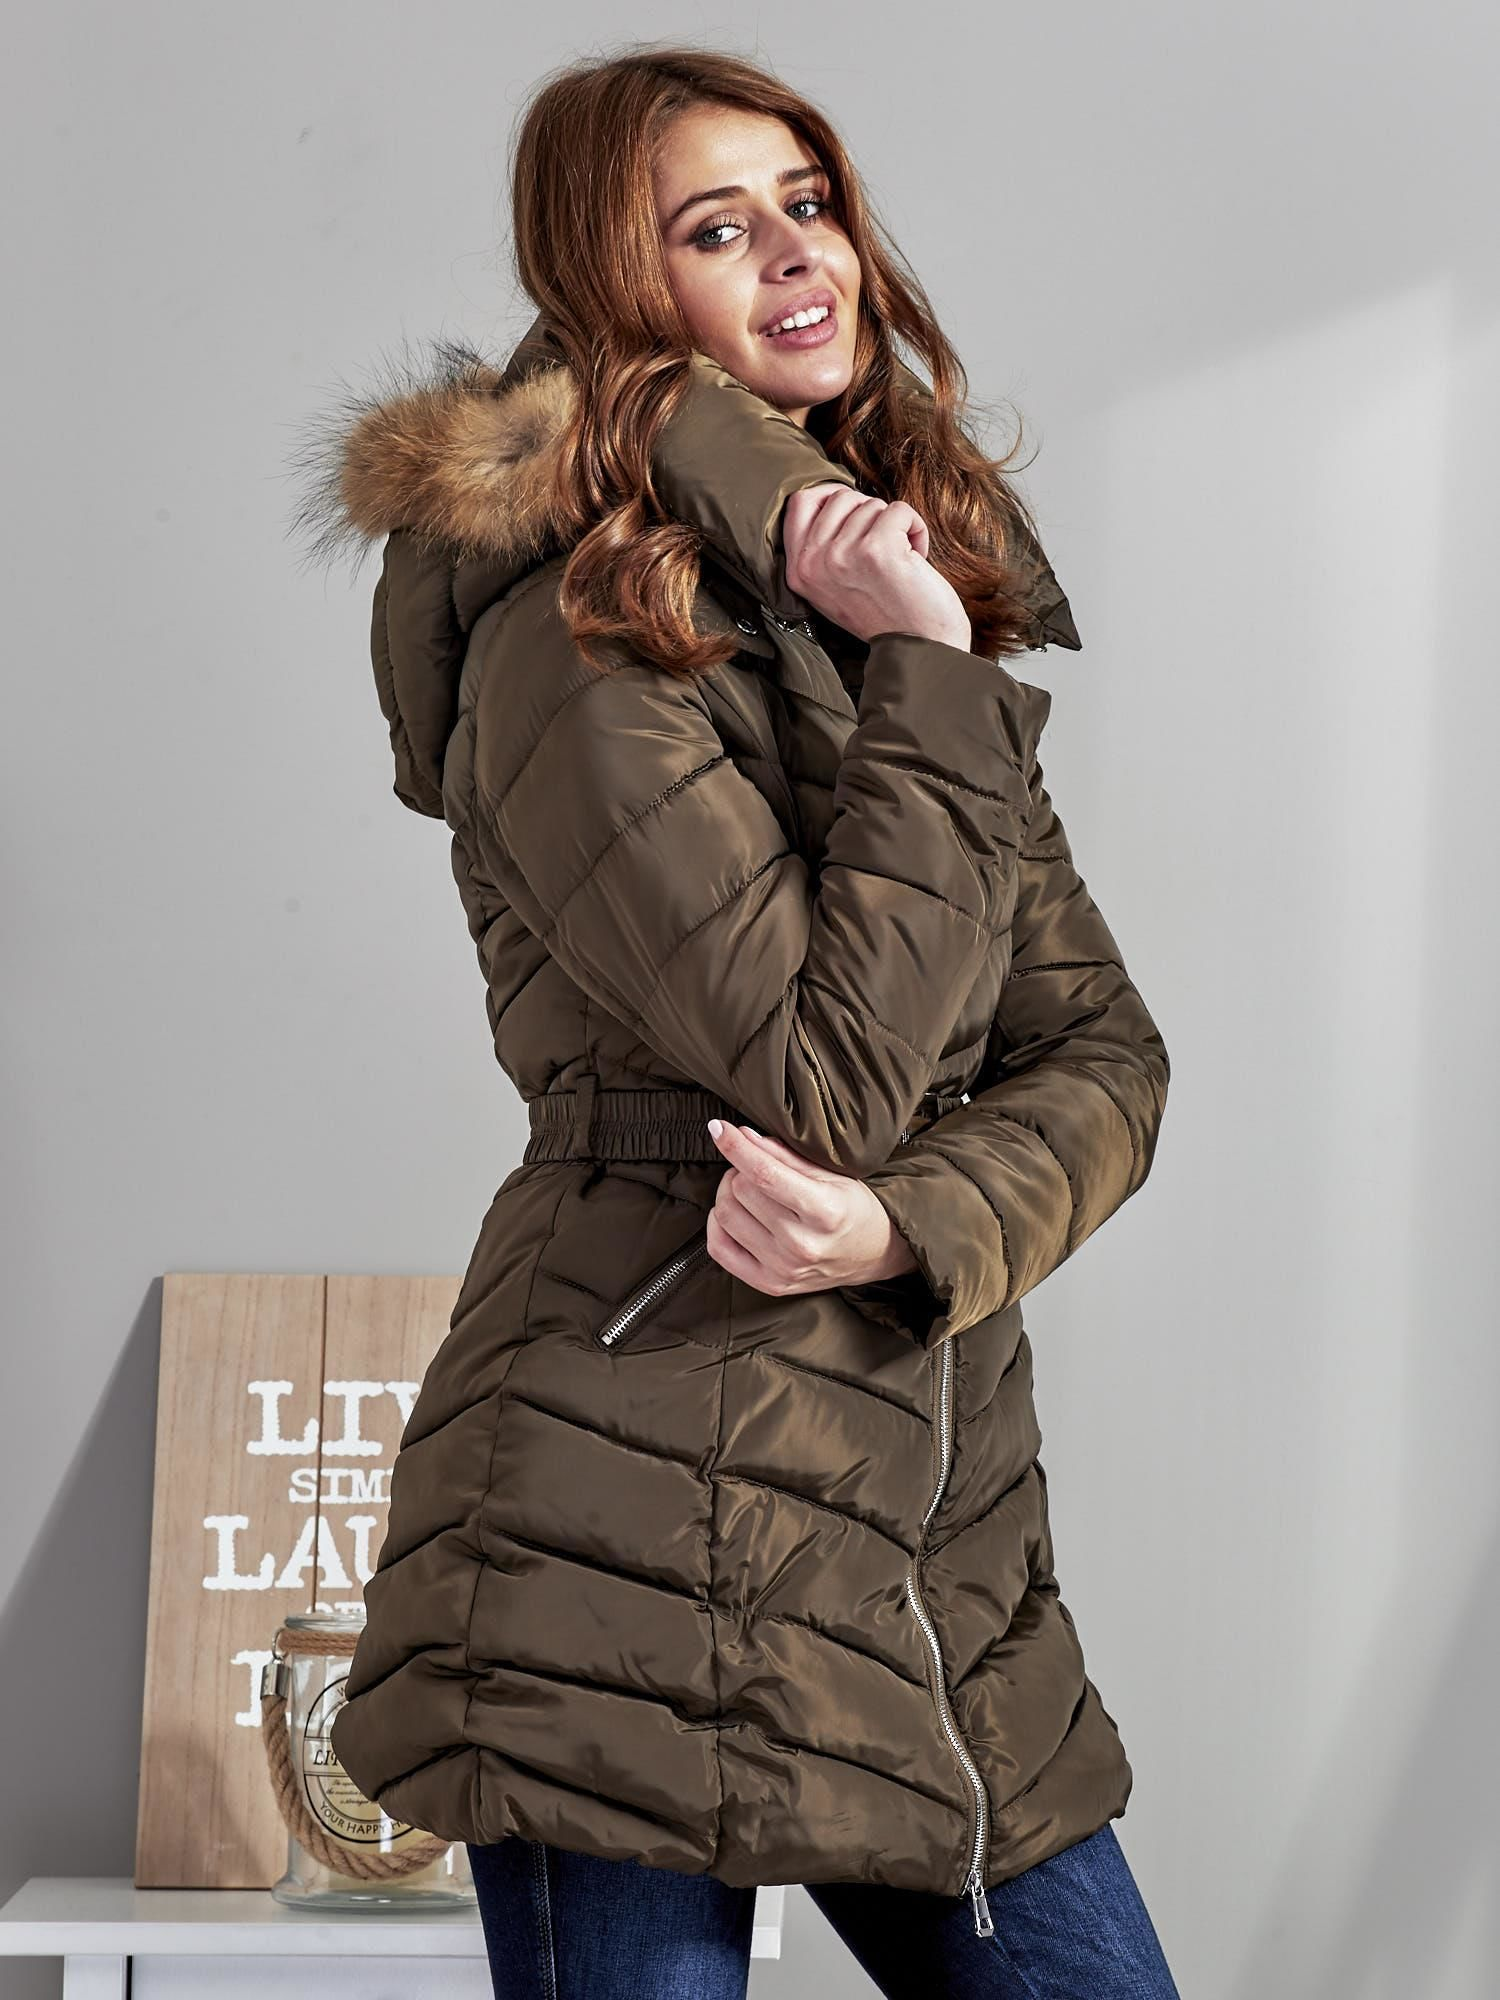 Zobacz zdjęcie: Ekskluzywny pikowany damski plaszcz CAMEL roz S - imgED.